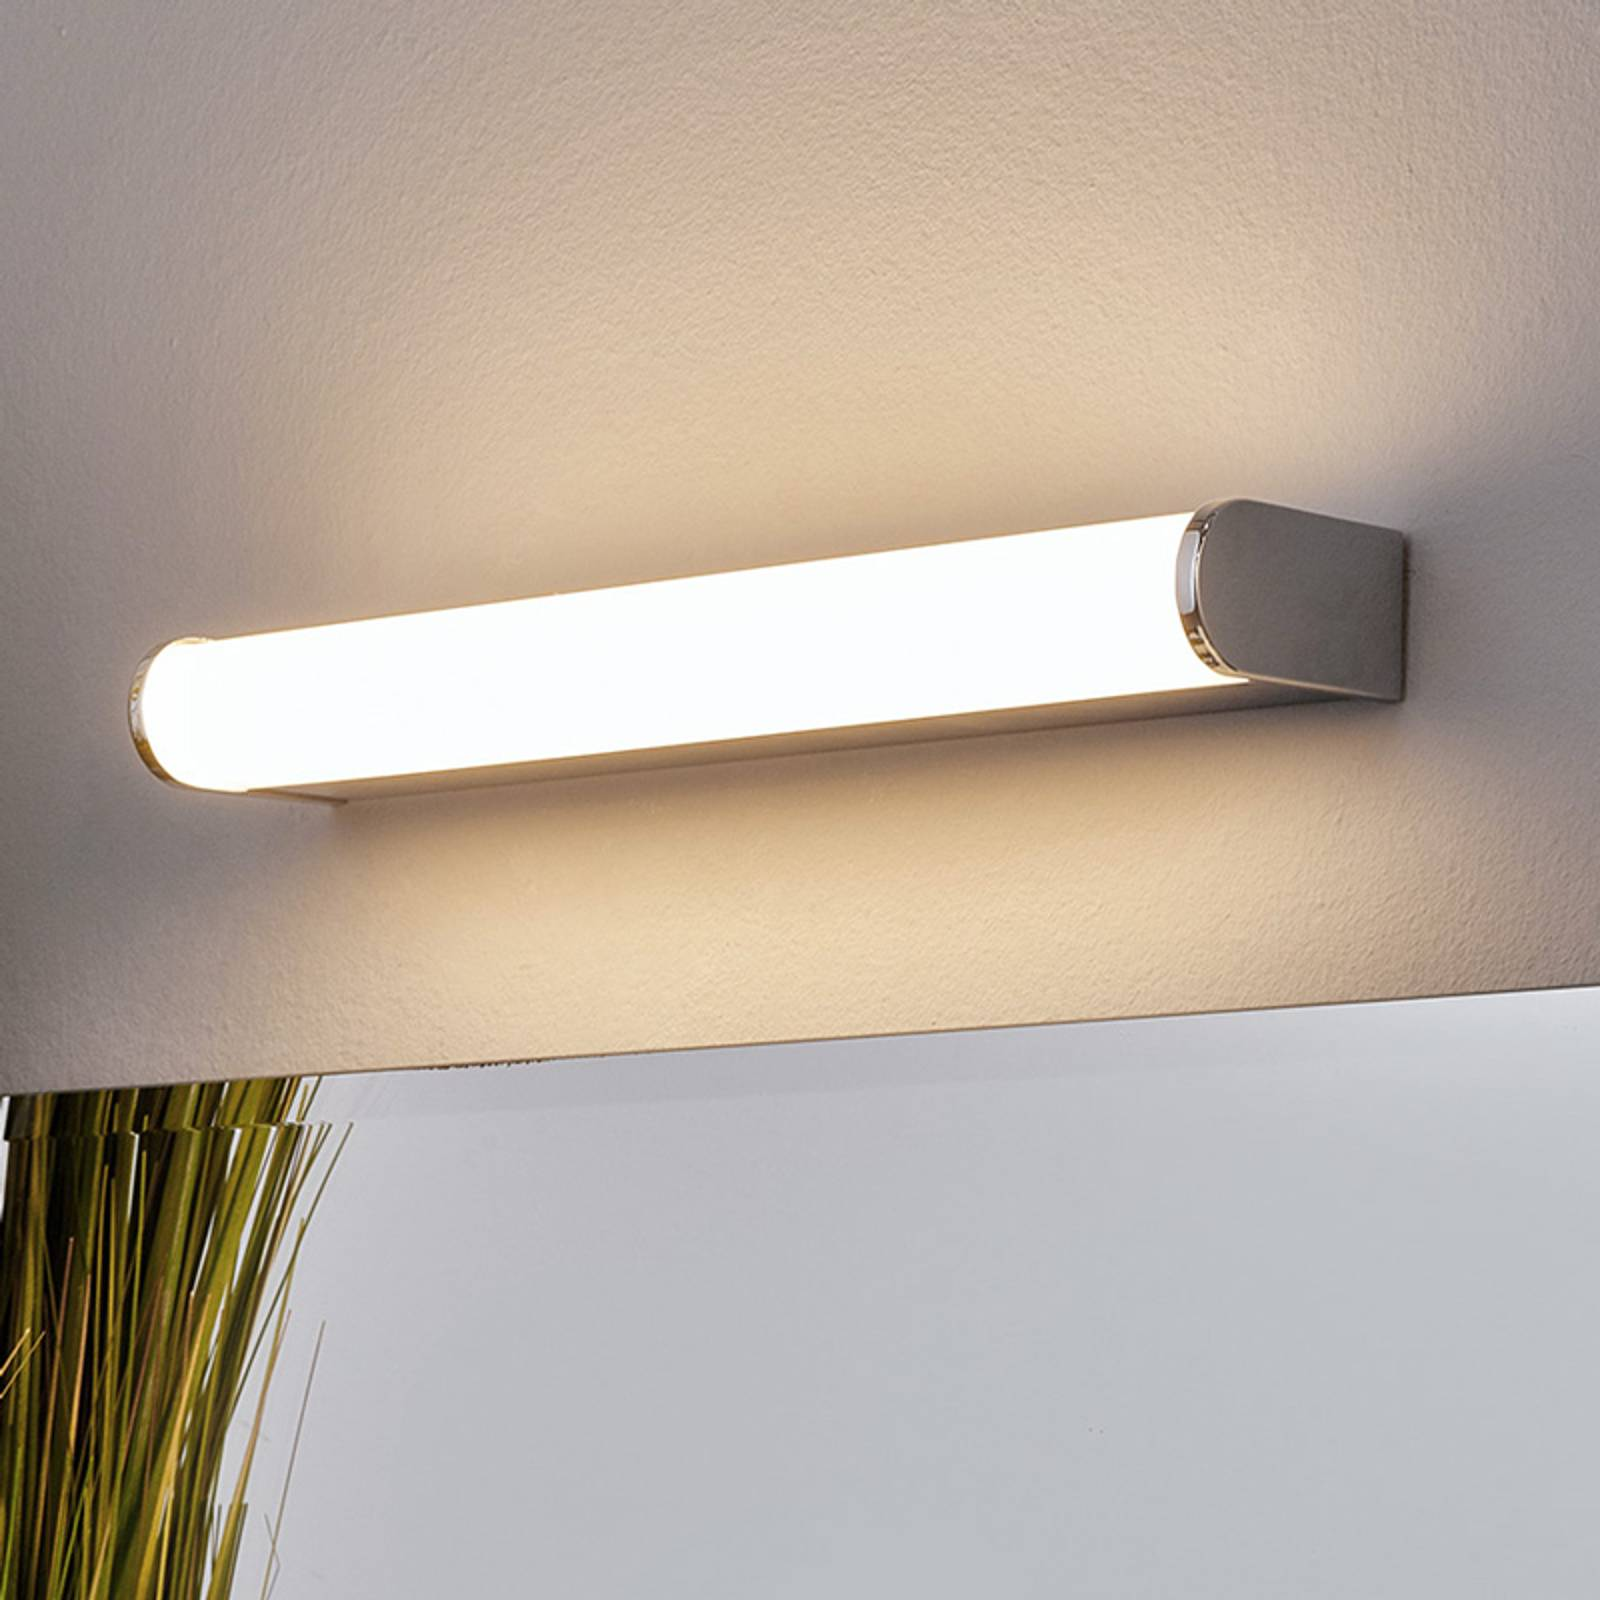 LED-kylpy- ja peilivalo Philippa puolipyöreä 32cm